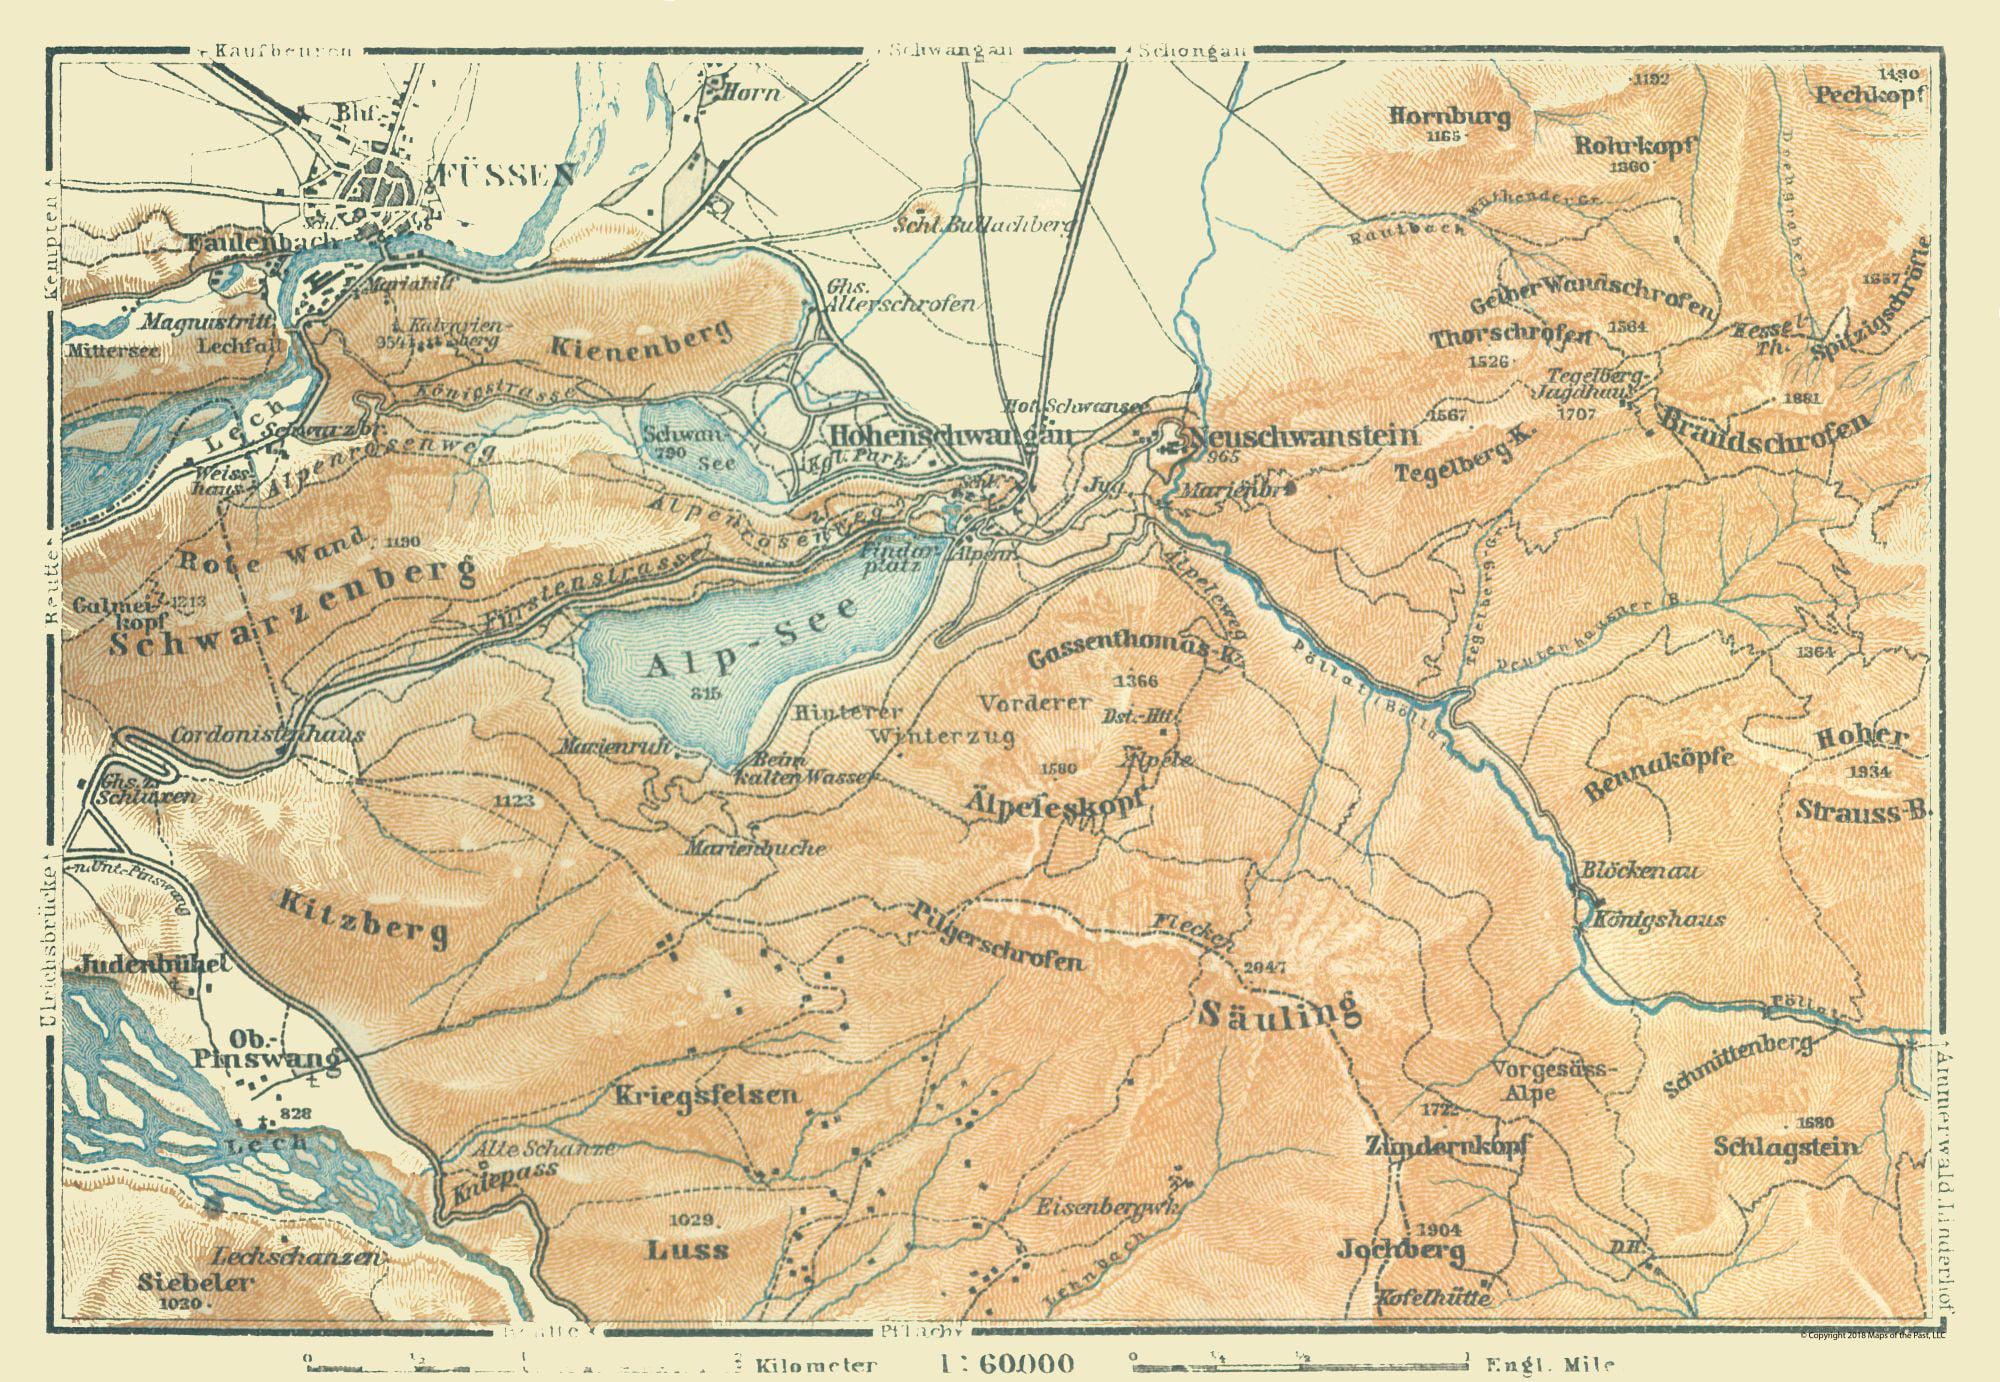 Map Of Germany In 1914.International Map Fussen Region Germany Baedeker 1914 33 29 X 23